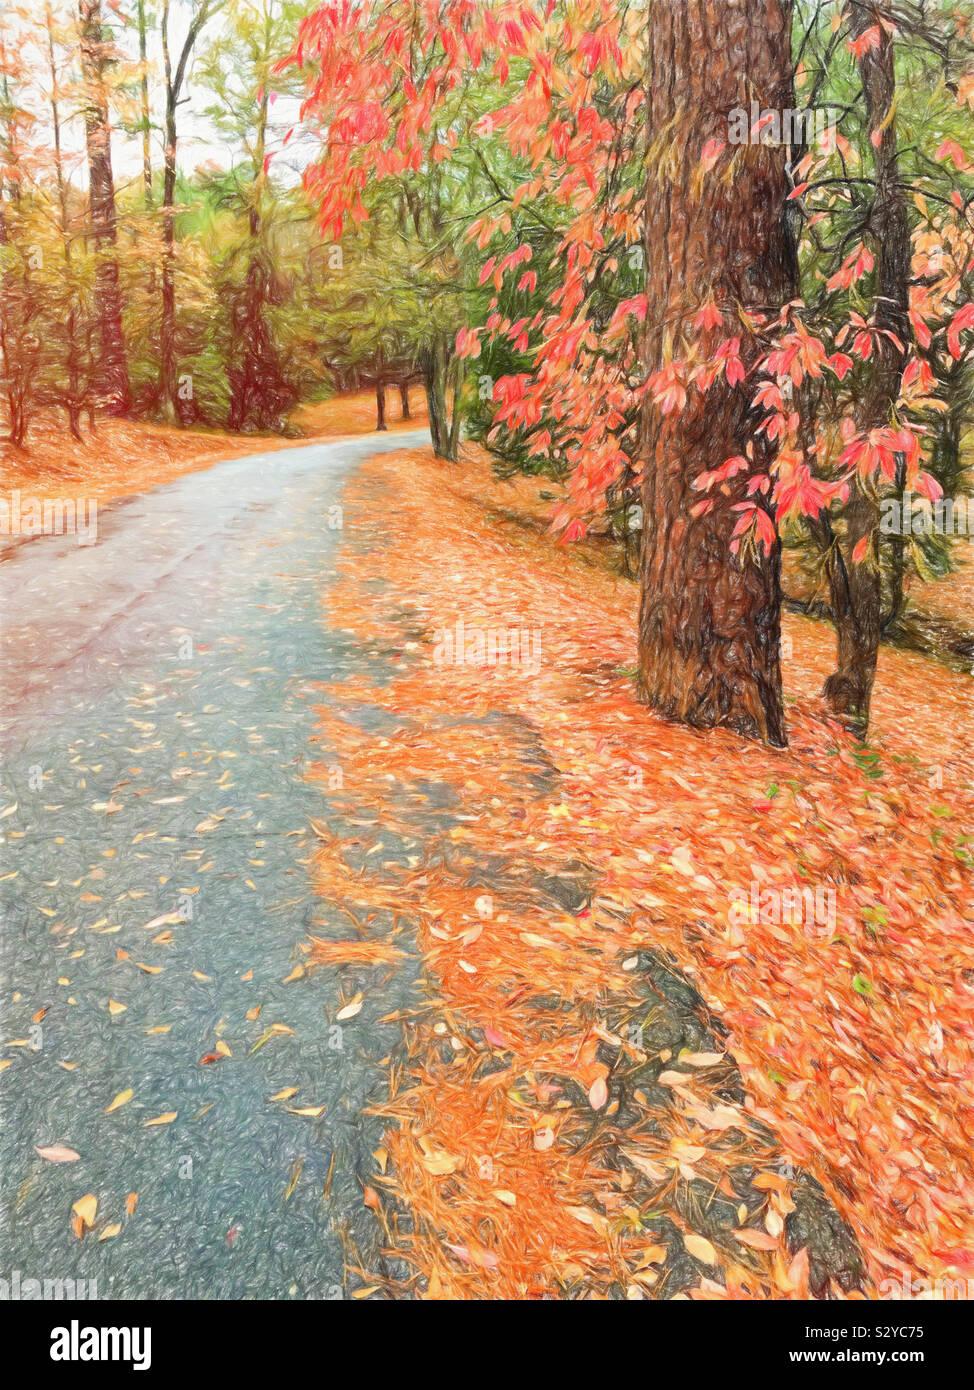 Saison d'automne et le changement de couleur des feuilles le long d'un sentier de randonnée pavée à Flat Rock Park à Columbus Georgia USA. Banque D'Images